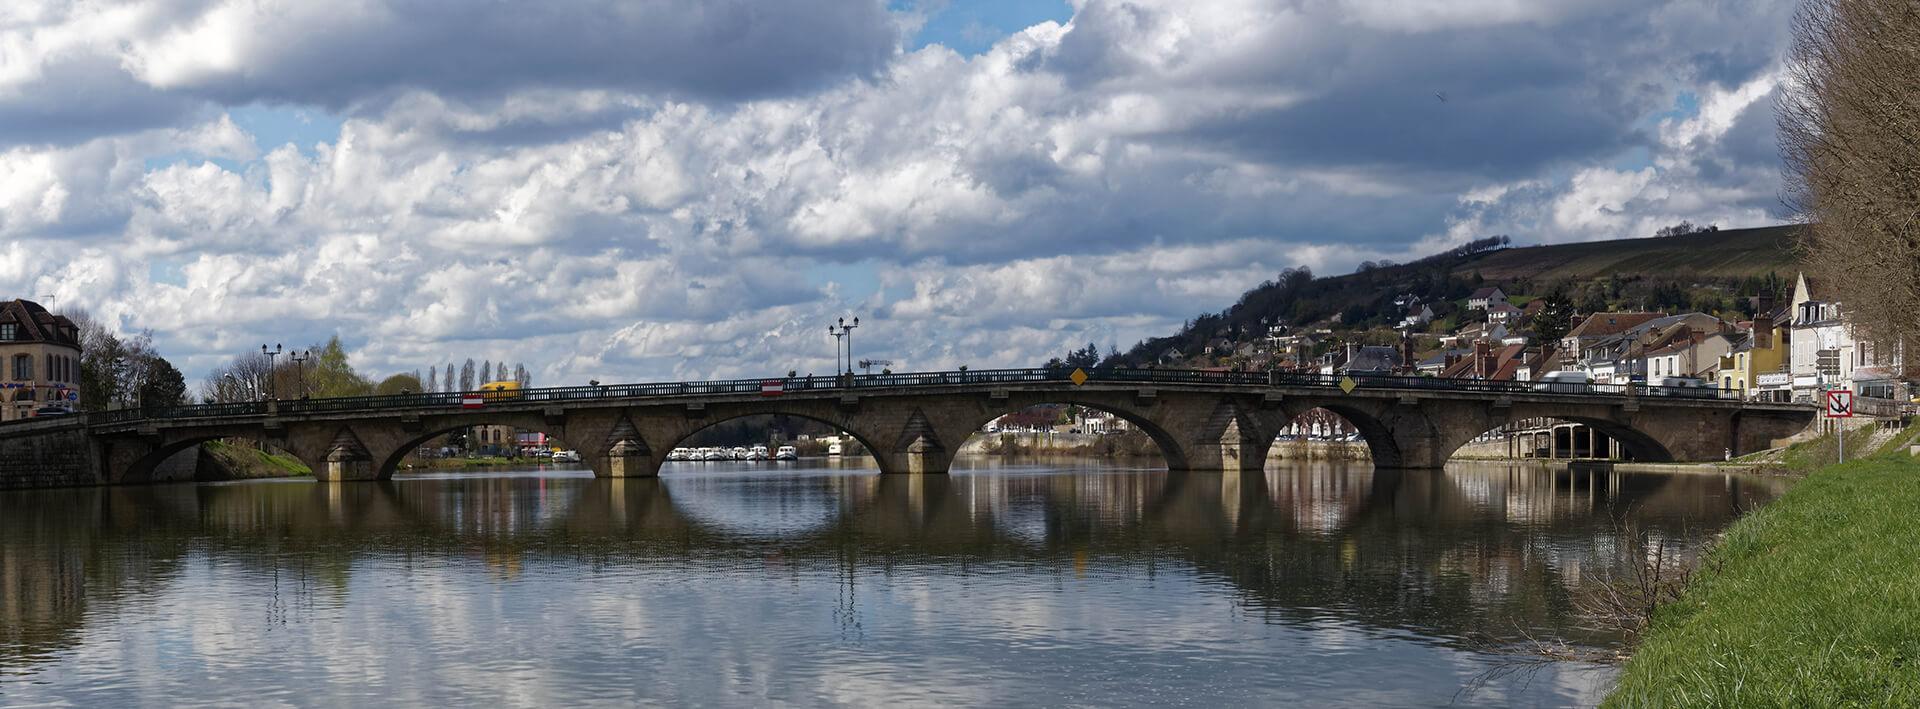 Pont cliché RP Tourisme Joigny Jovinien - fwe